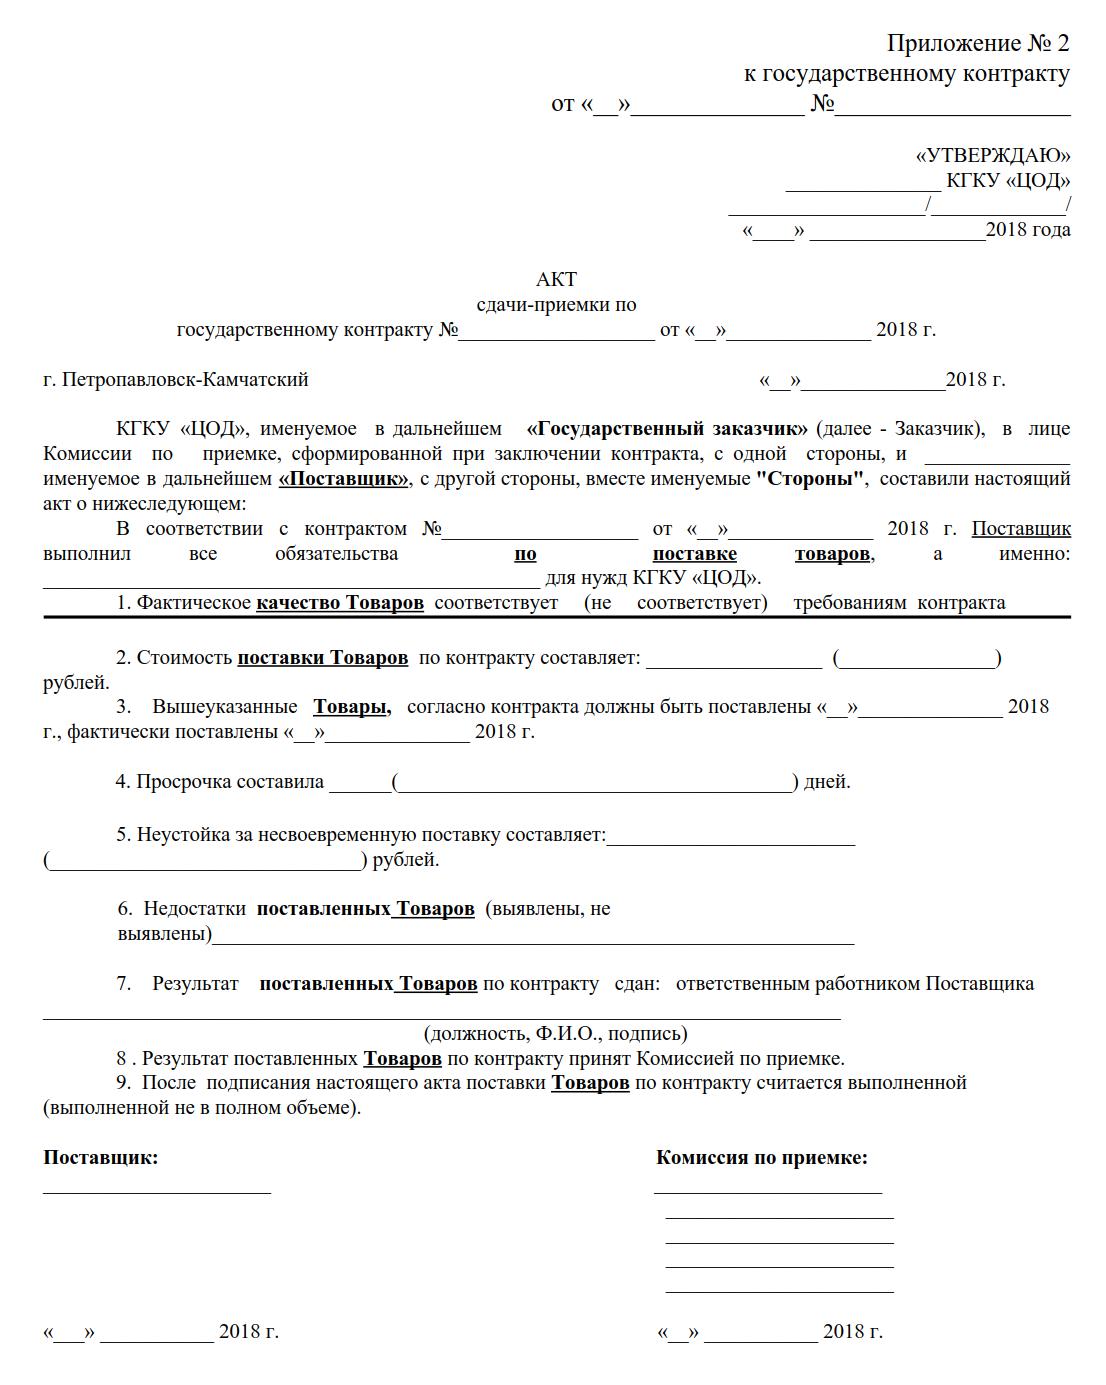 /fls/7111/akt-priyema-peredachi-postavka-produktov-pitaniya.png